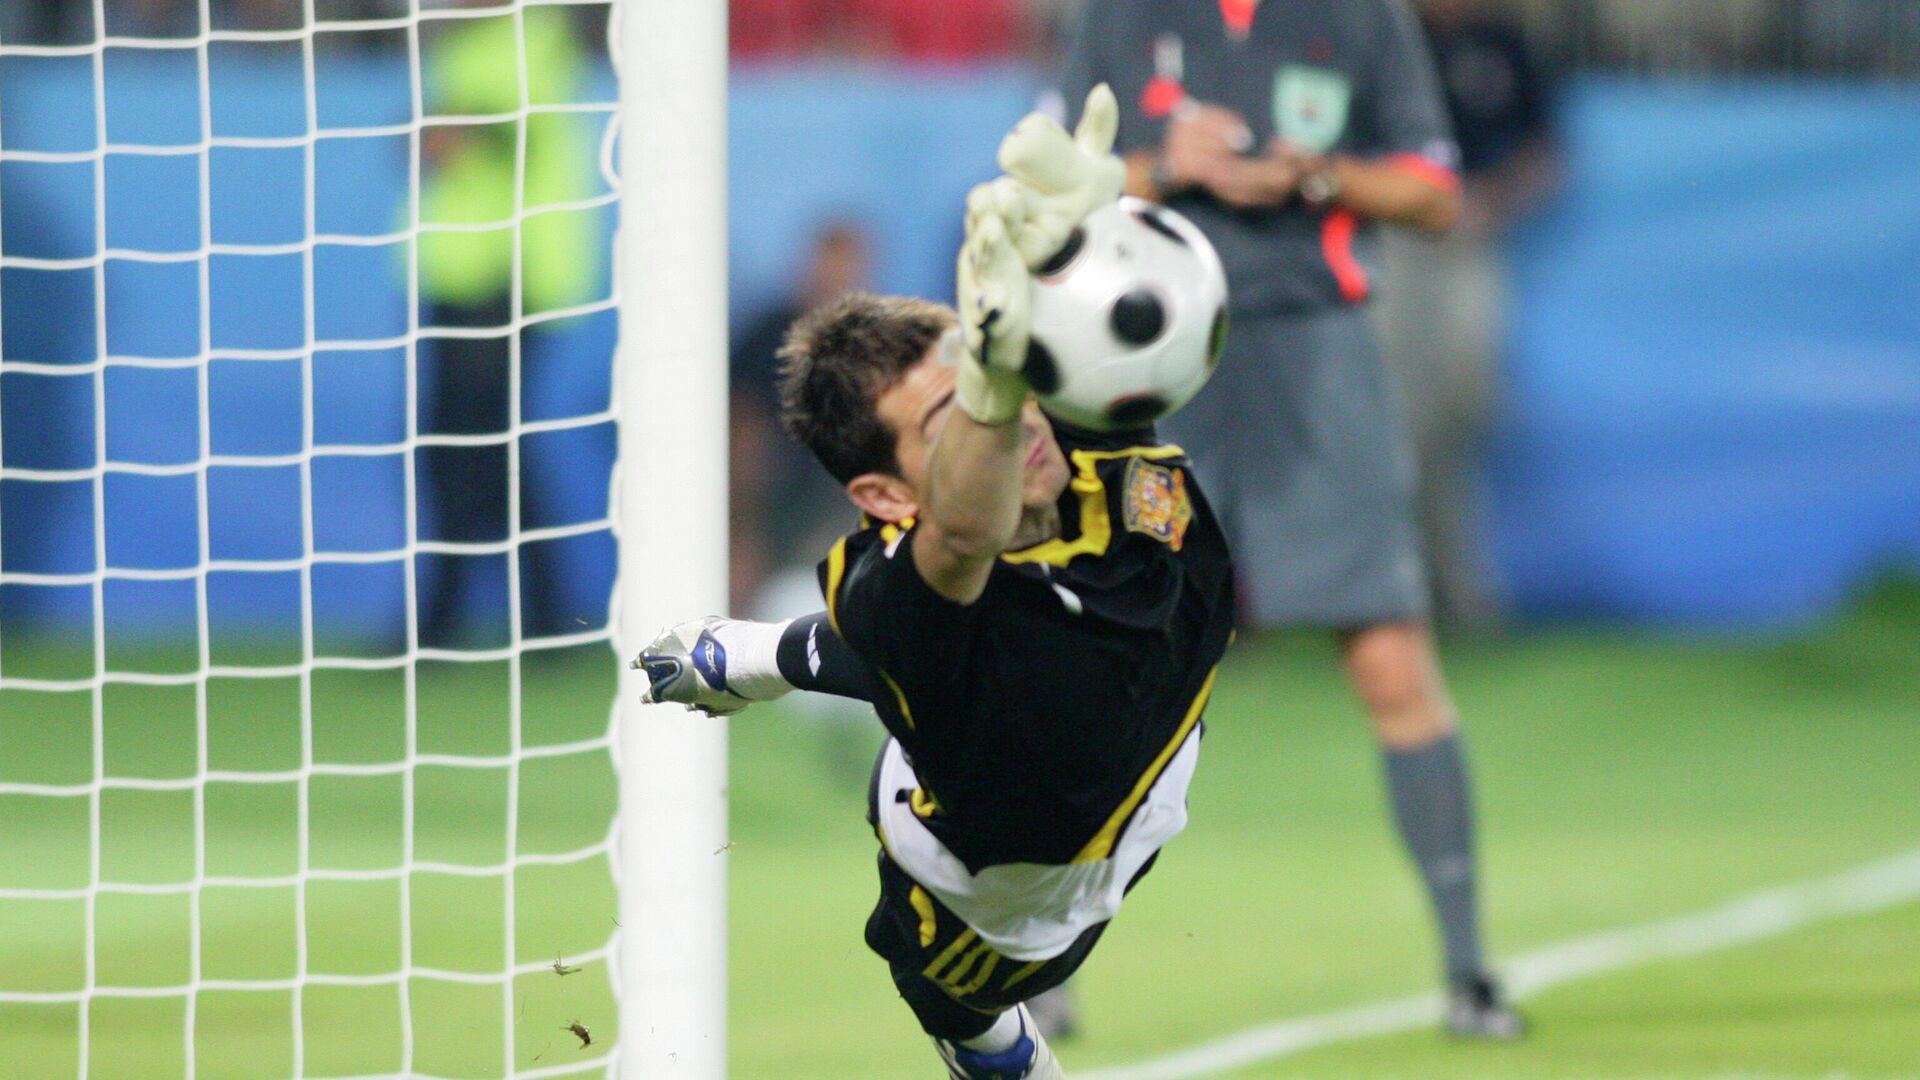 Икер Касильяс отражает пенальти в 1/4 финала ЕВРО-2008  - РИА Новости, 1920, 29.06.2020